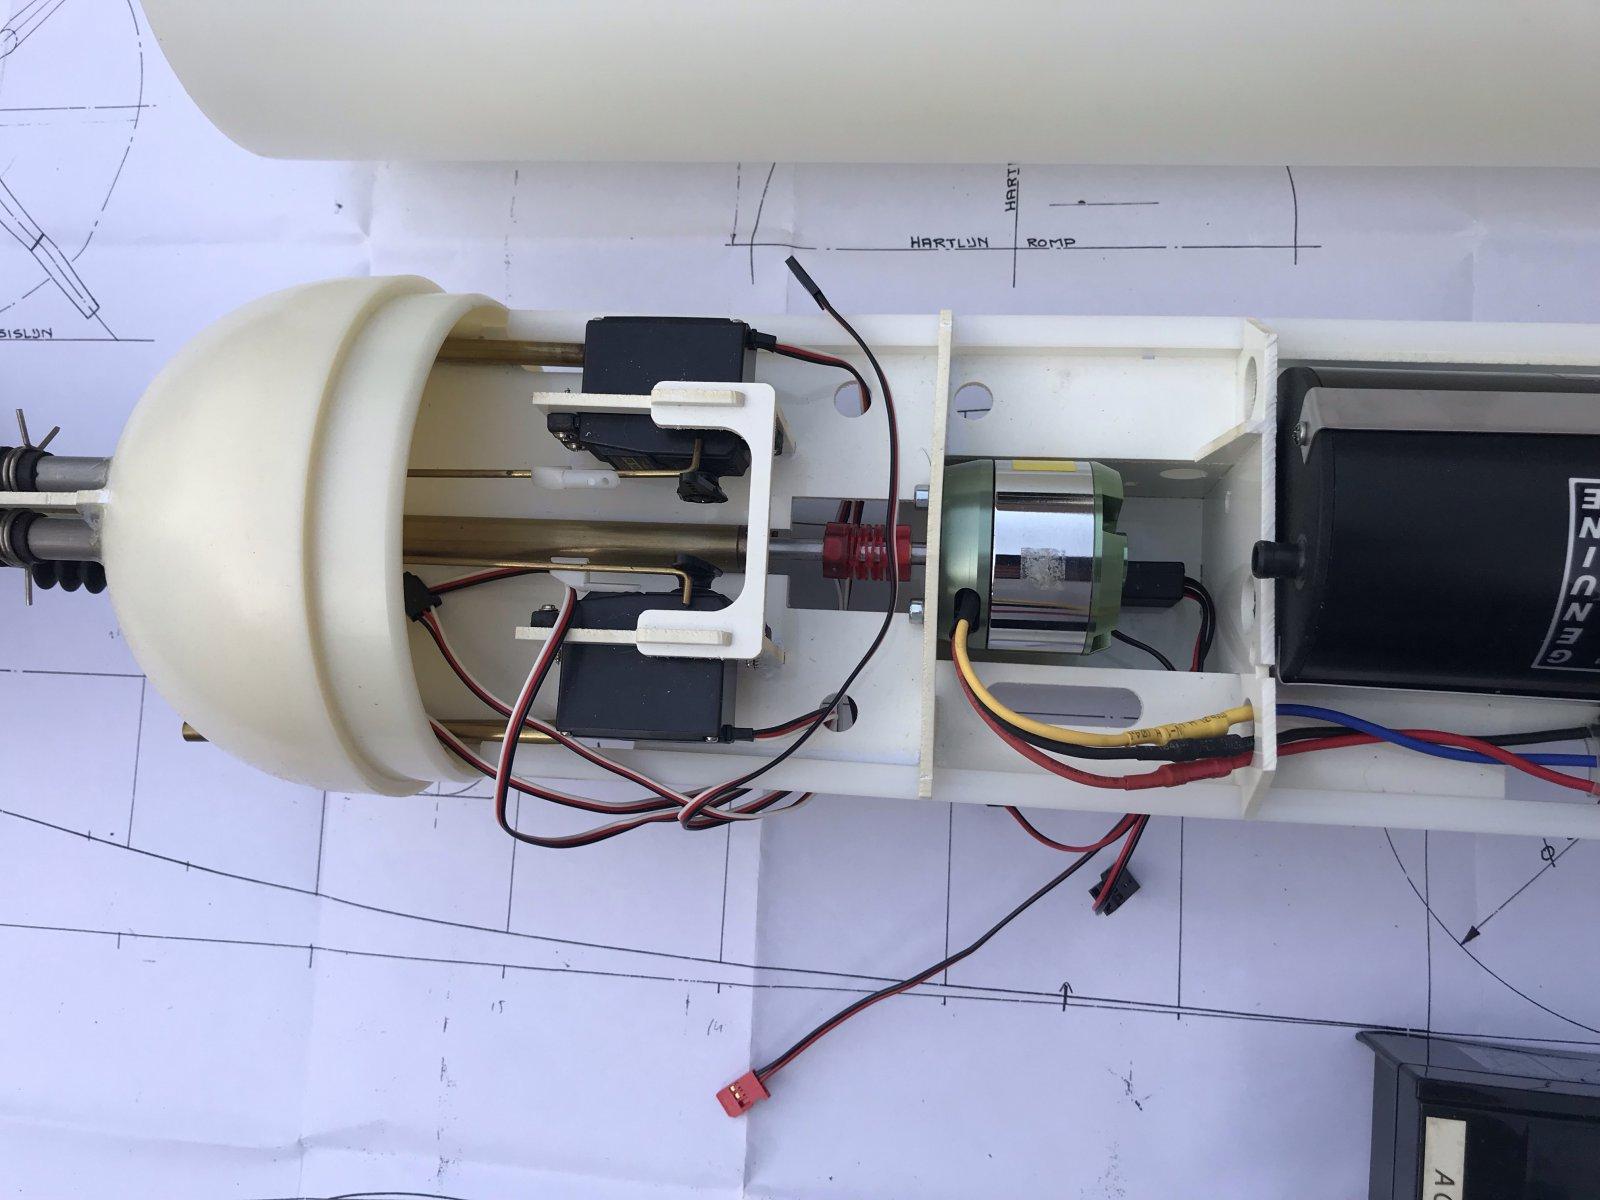 E30B5AC7-988B-4A0D-8A2C-AAEE9F08D59A.jpeg